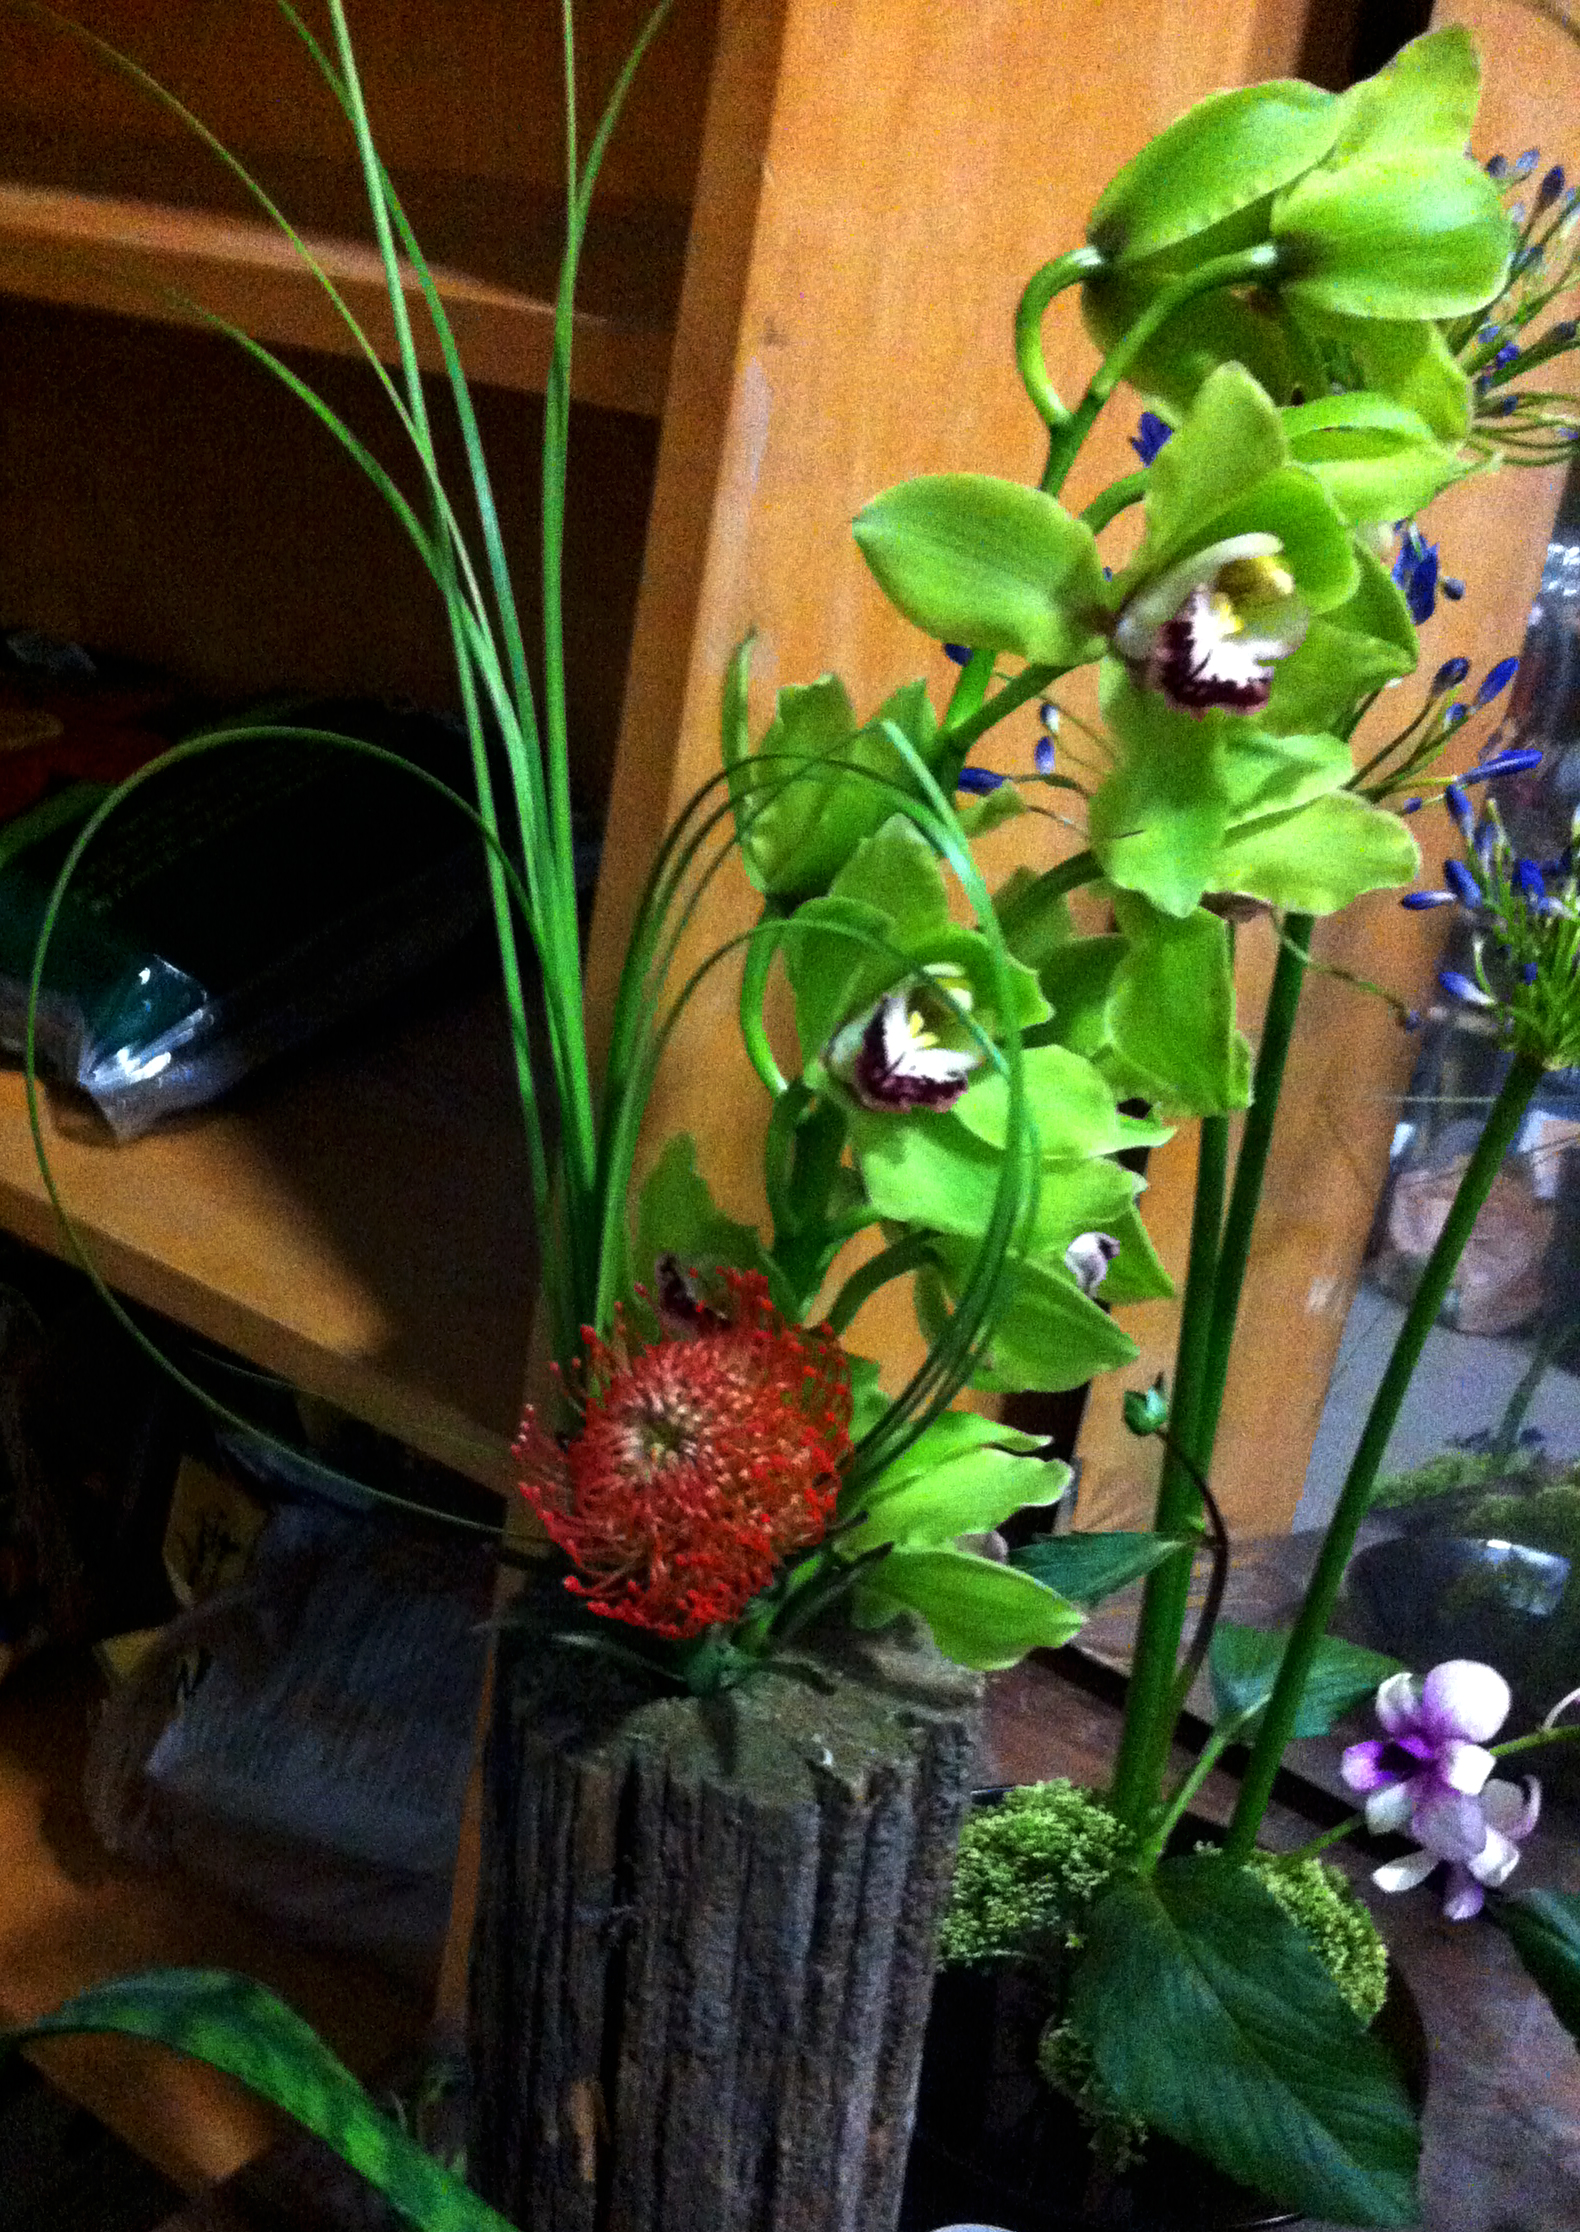 SSlunaflowers4.jpg